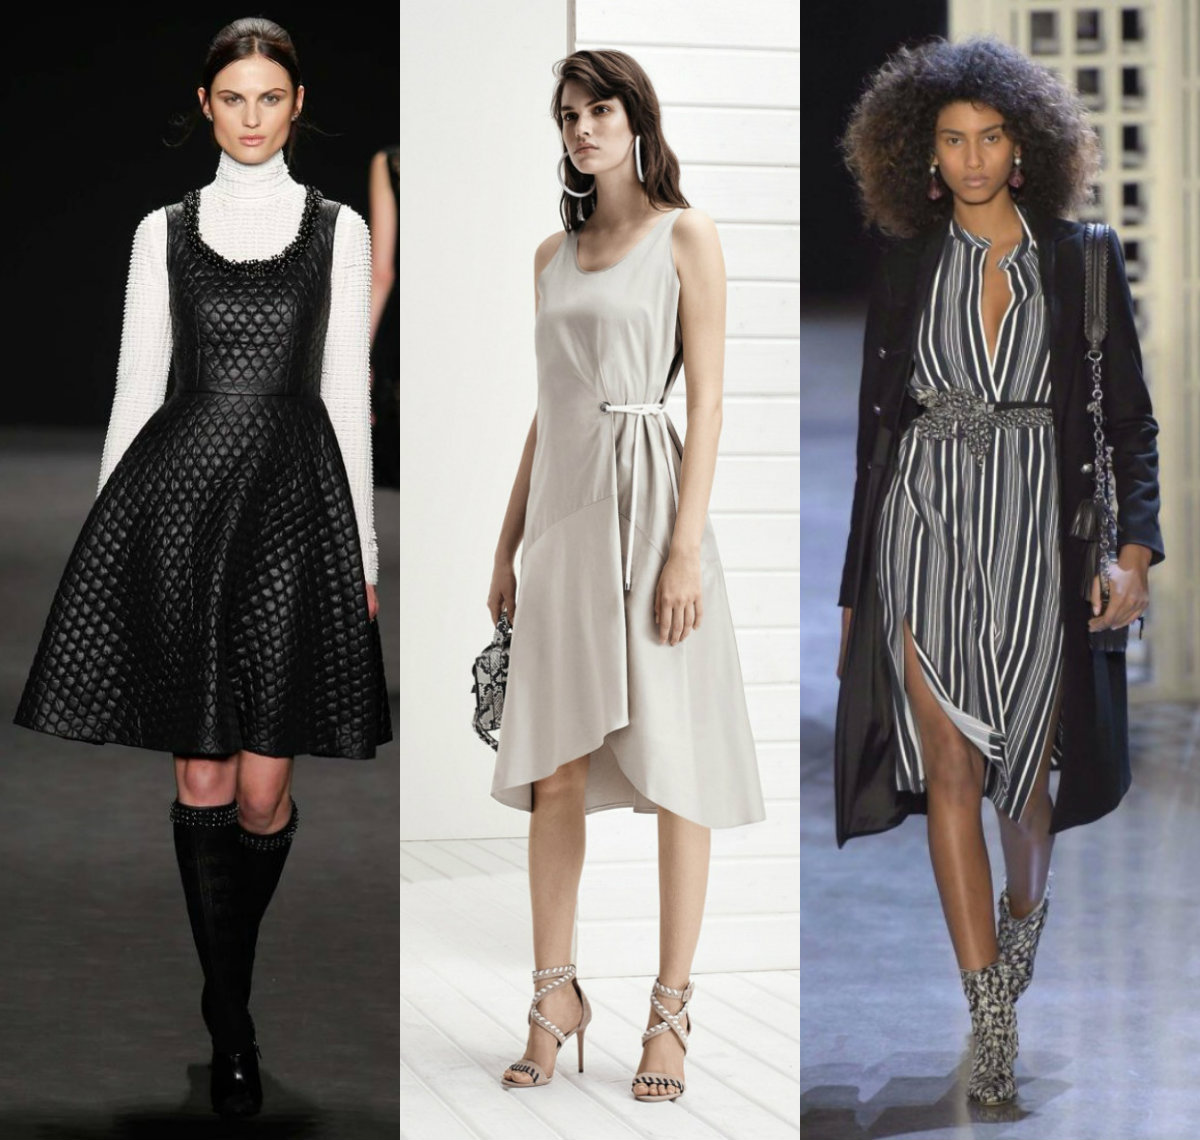 модные тенденции платьев 2019: повседневные наряды